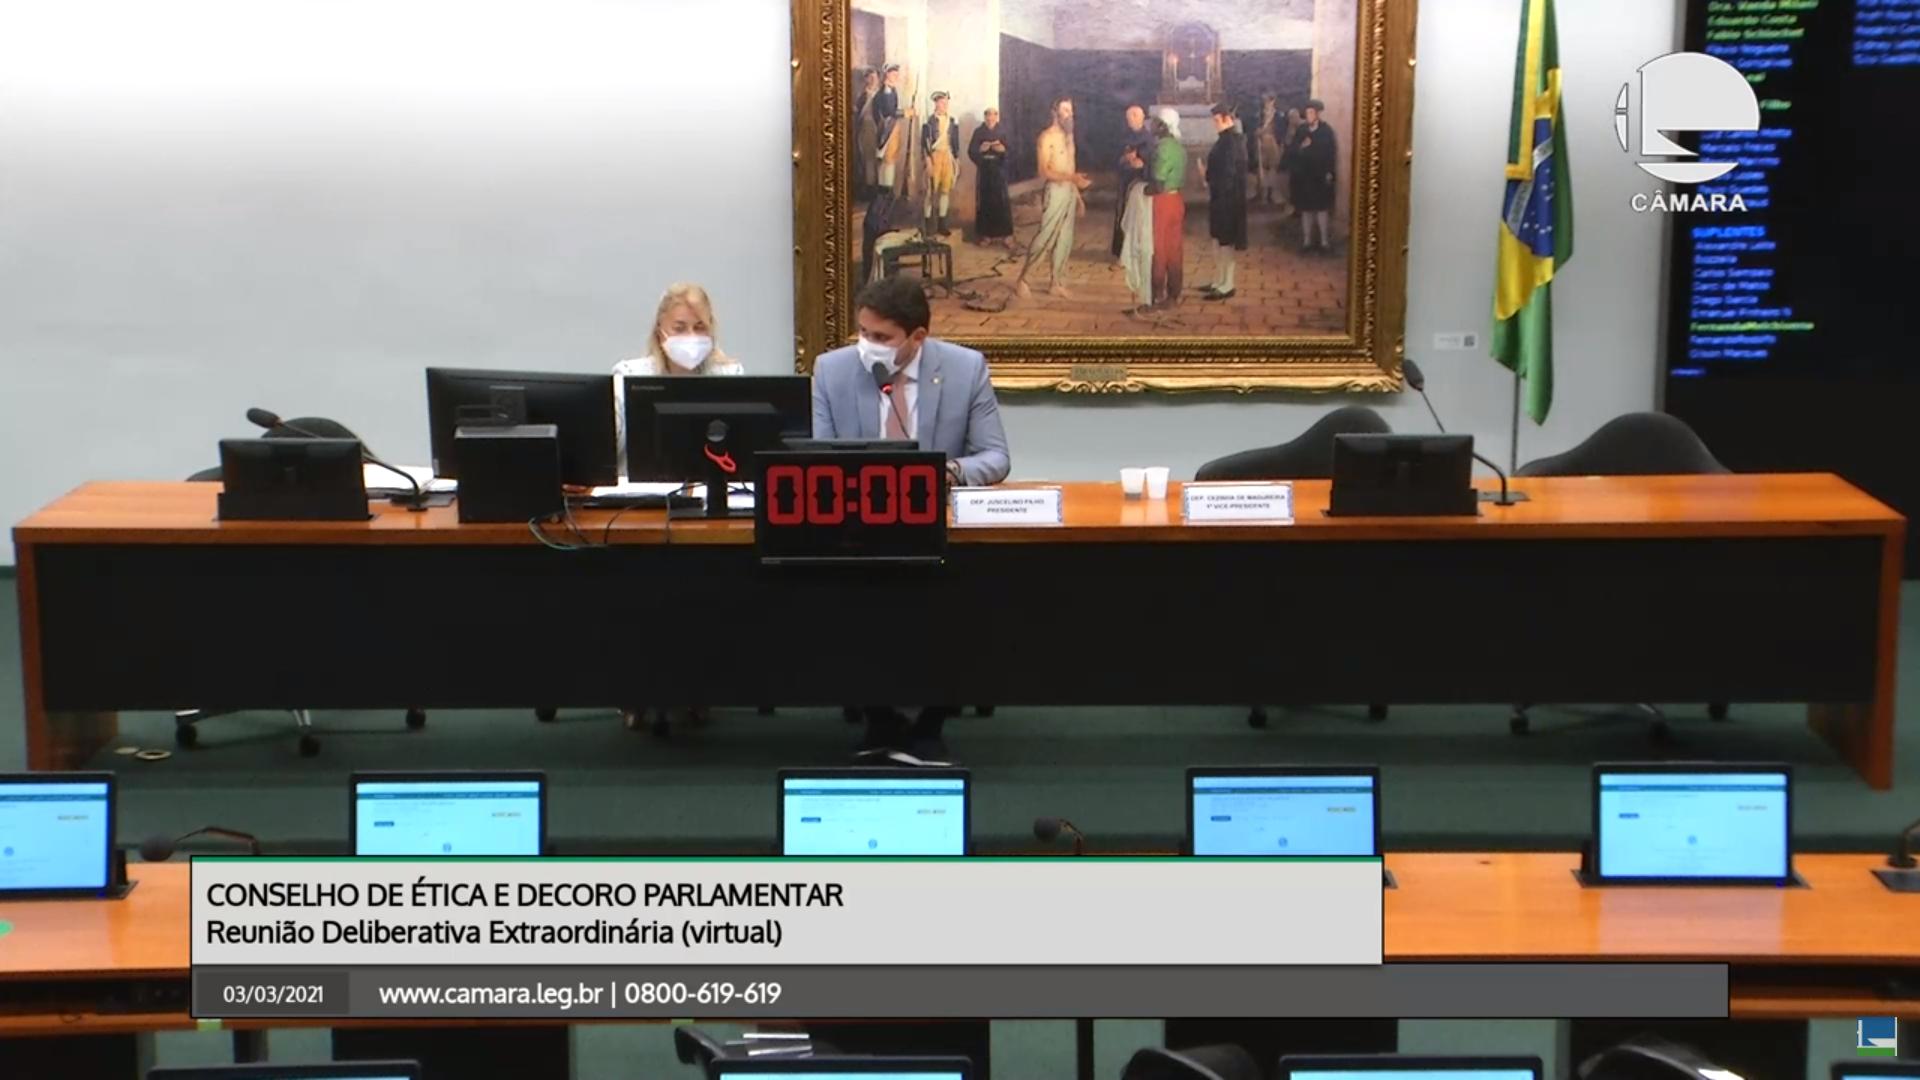 IMAGEM: Conselho de Ética começa com atraso e encerra sessão sem decidir sobre Carlos Jordy